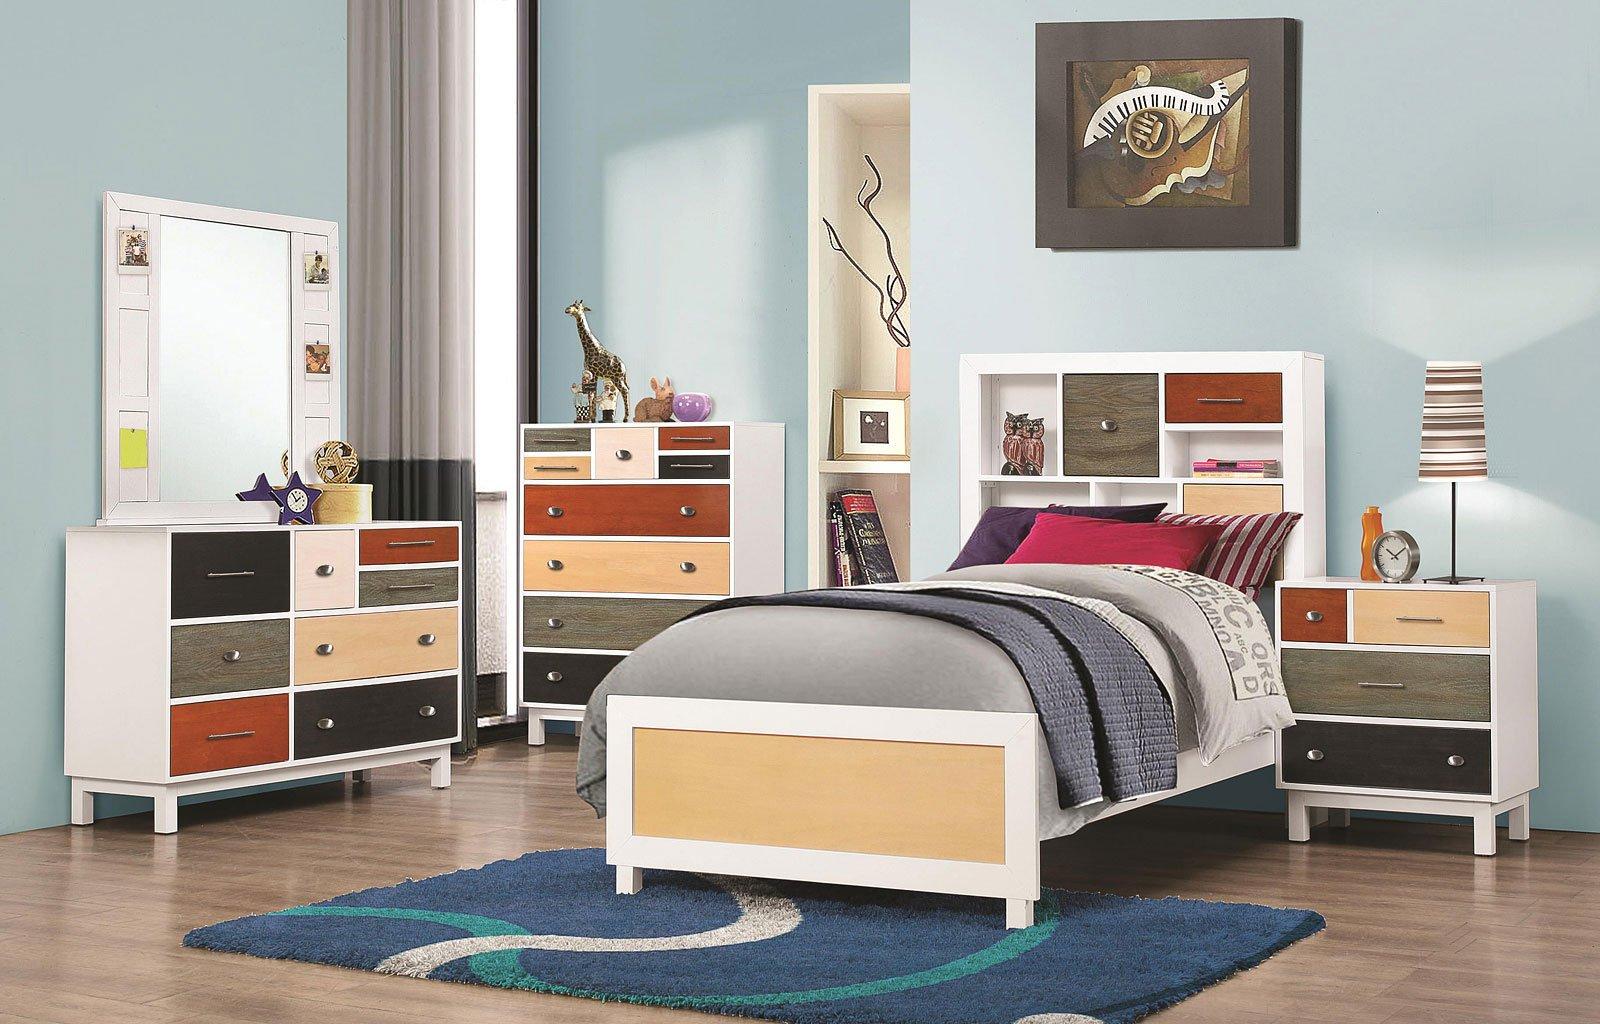 Lemoore Youth Bedroom Set By Coaster Furniture Furniturepick